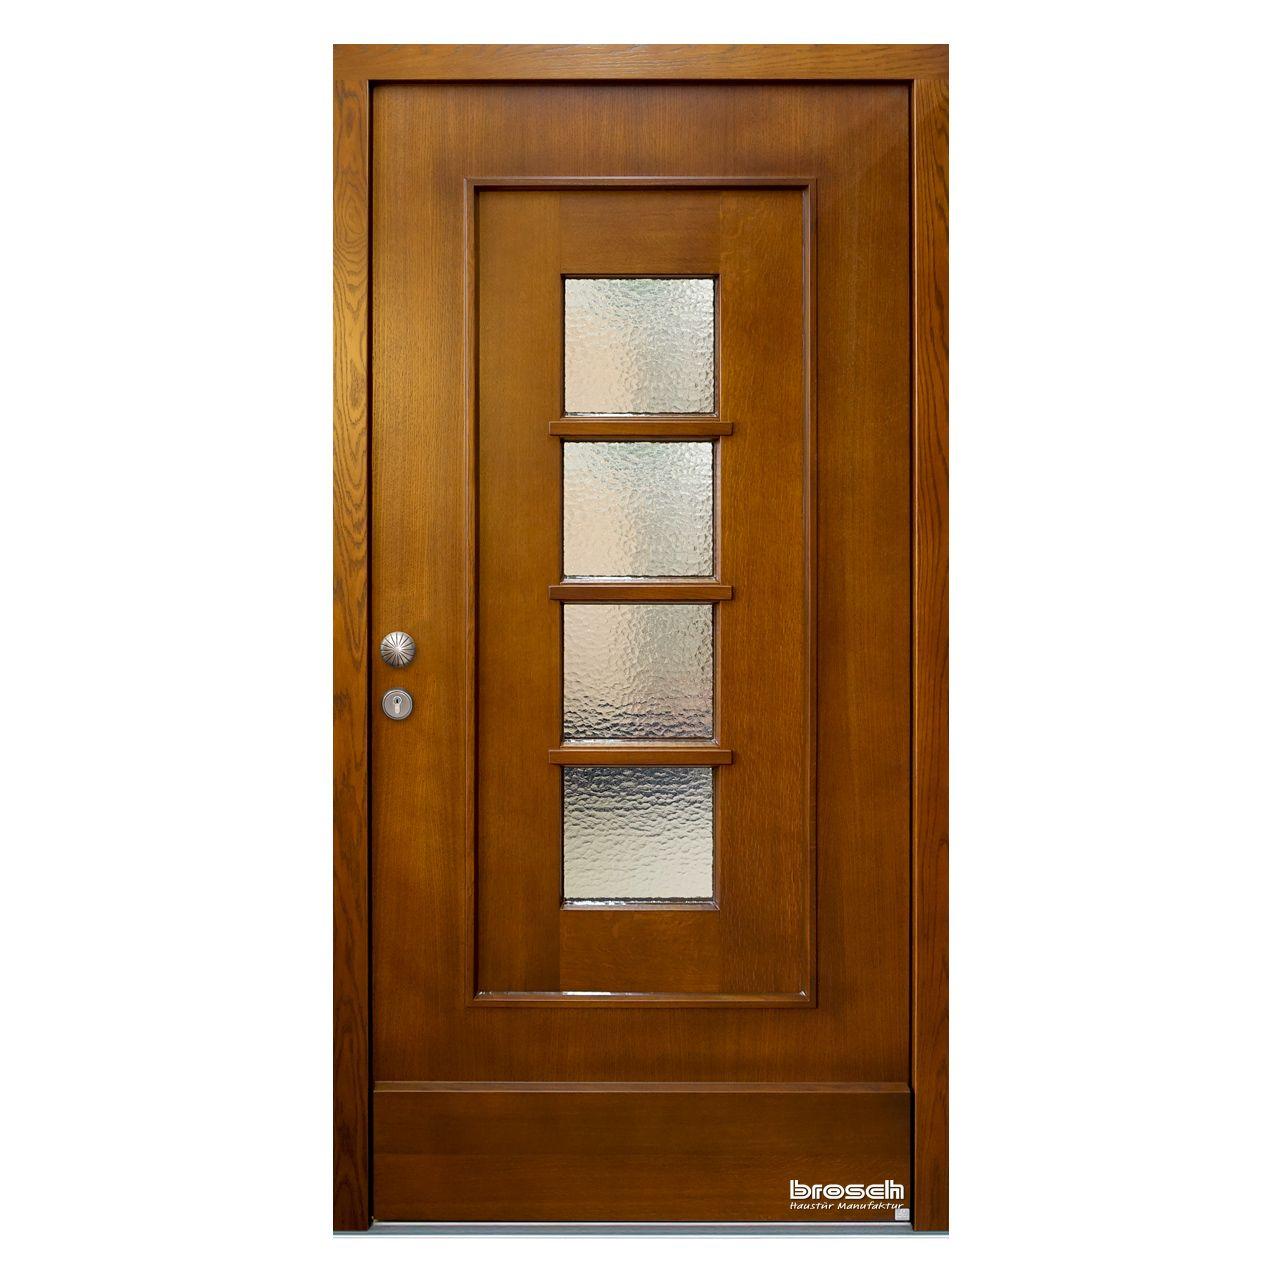 Haustüren Klassisch klassische haustüren aus holz dessau 134 klassische haustüren